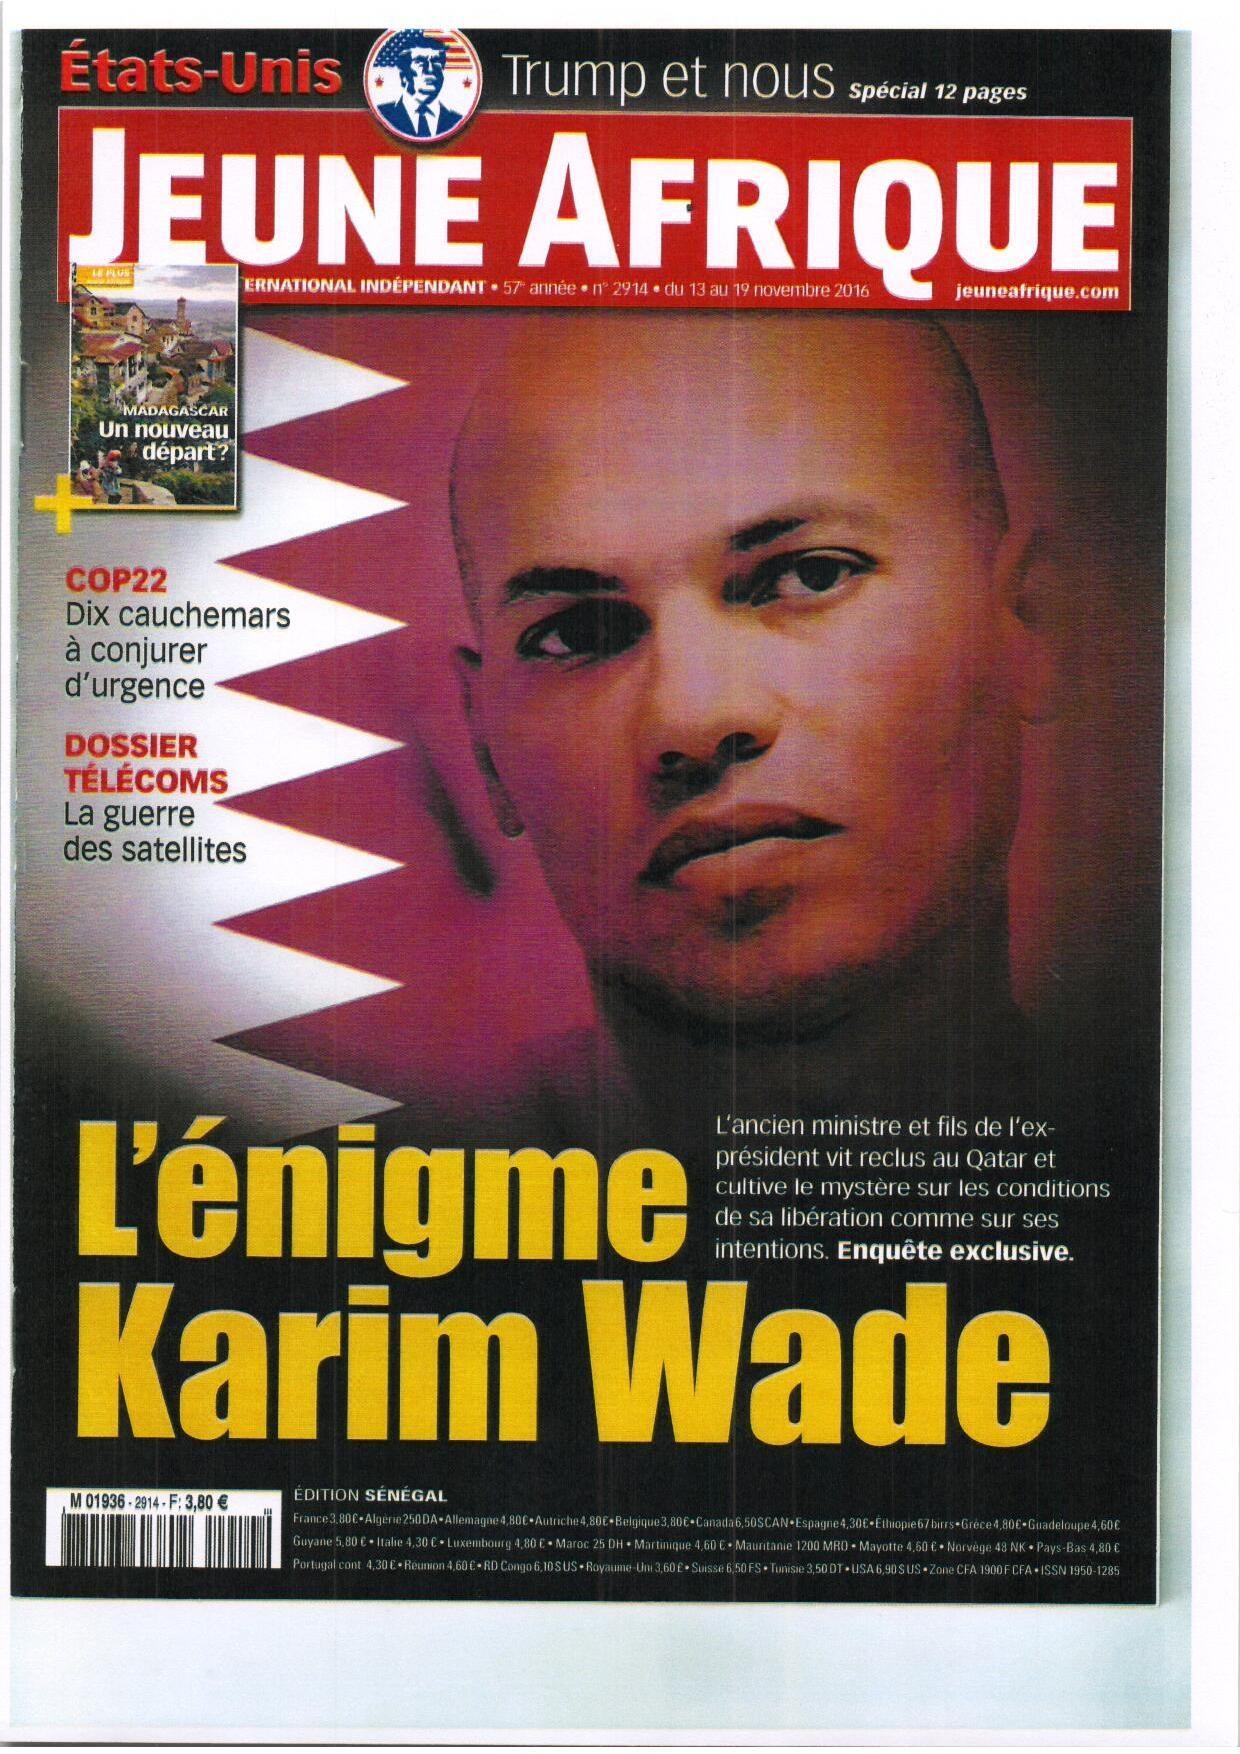 Comment Karim Wade a été libéré  le 24 juin dernier. qu'est ce qui s'est réellement passé?